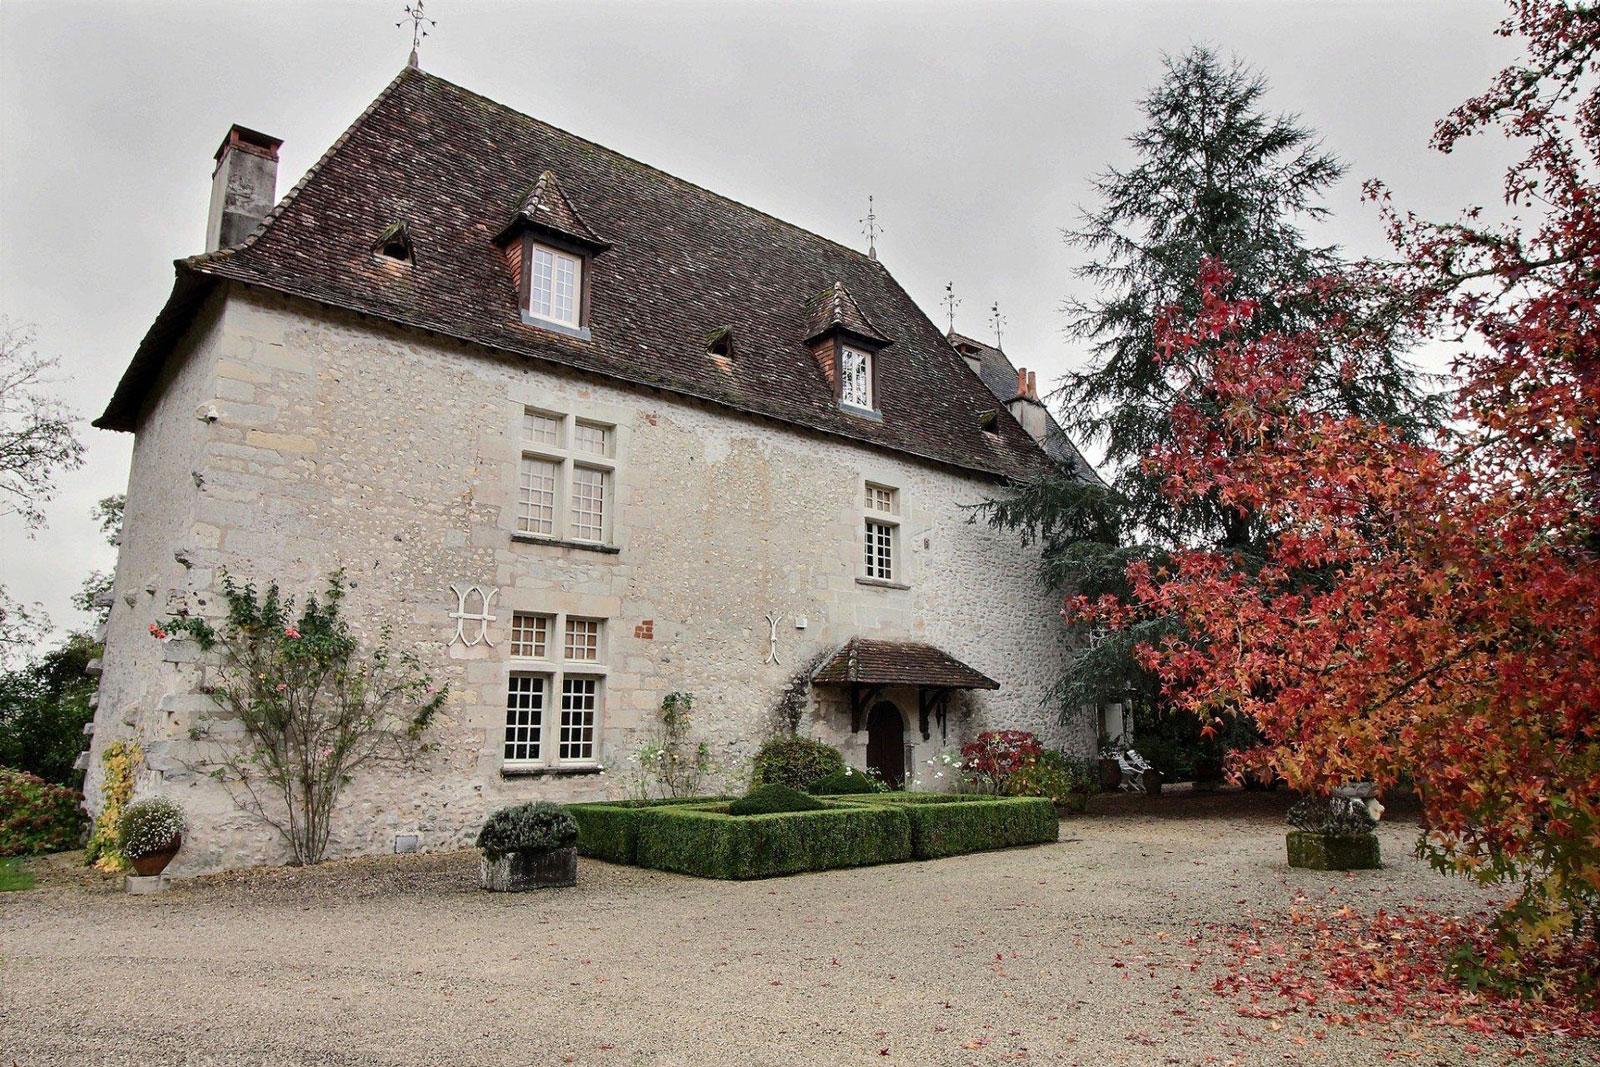 Vente maison villa dordogne perigord proche perigueux for Vente maison perigueux